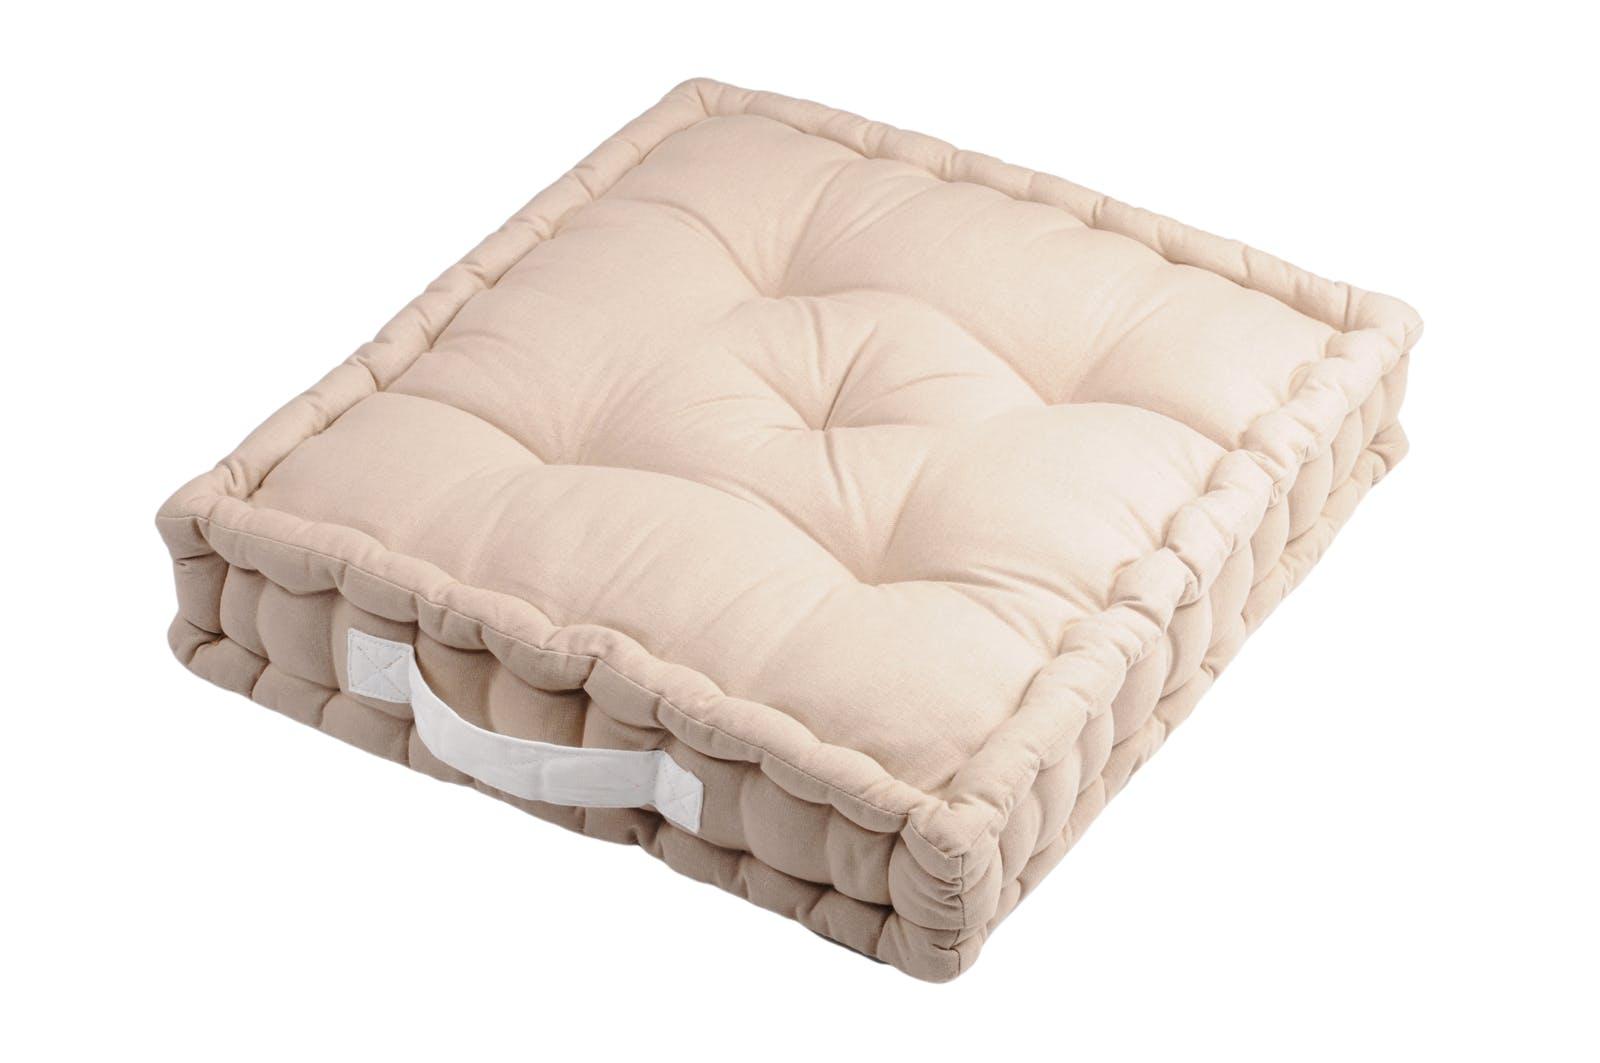 Coussin de sol couleur lin poignée blanche 45x45x10cm 100% coton DUO